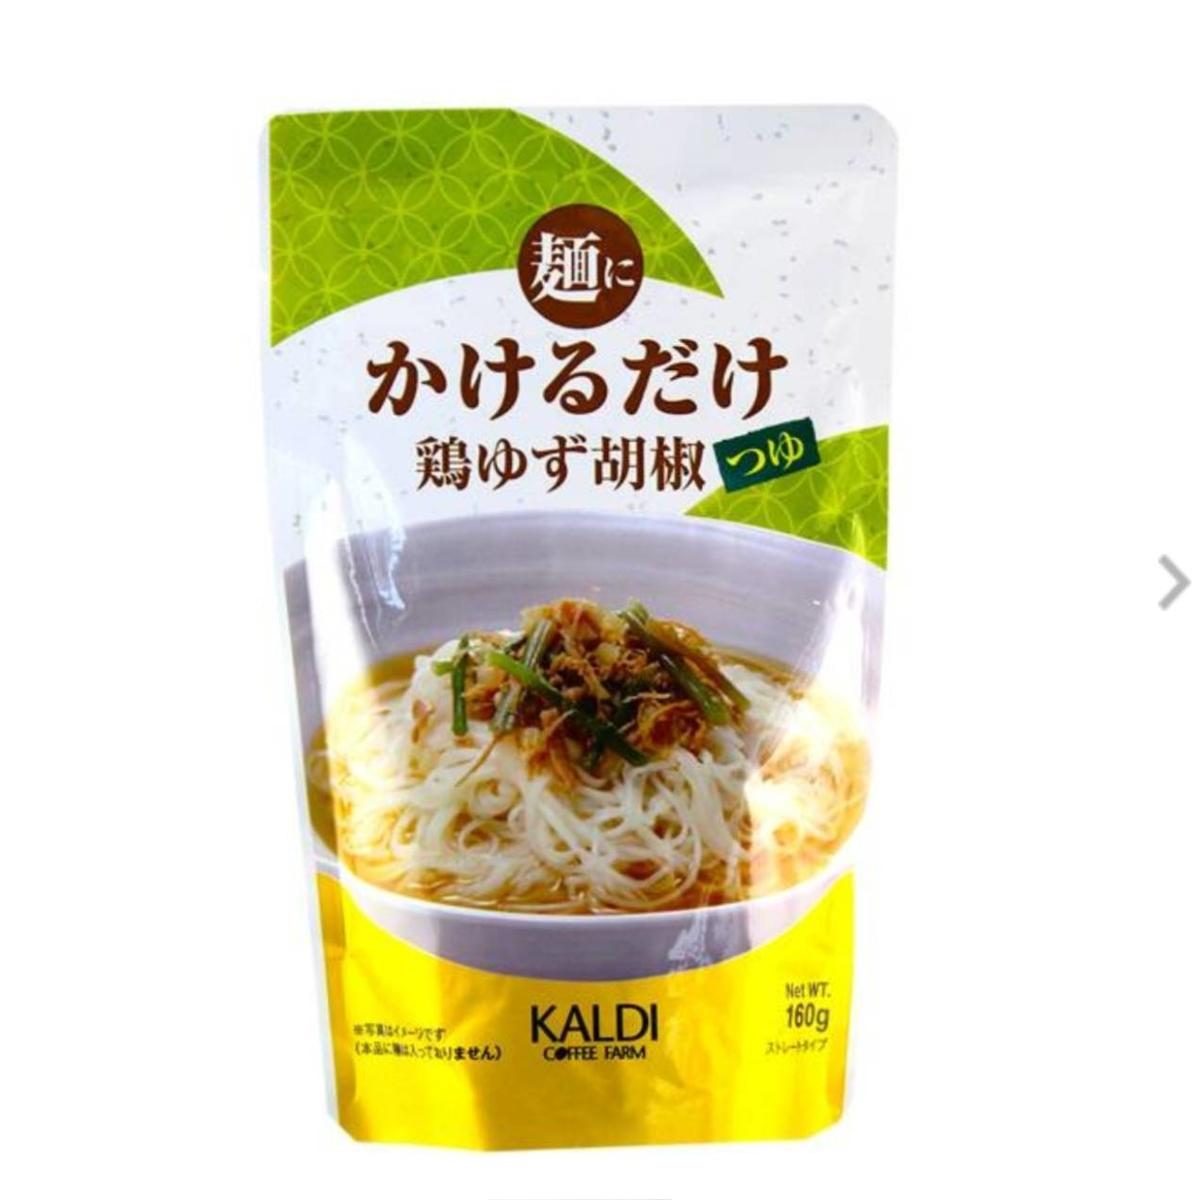 【KALDI】簡単!麺にかけるだけ「鶏ゆず胡椒つゆ」パッケージ LIFE